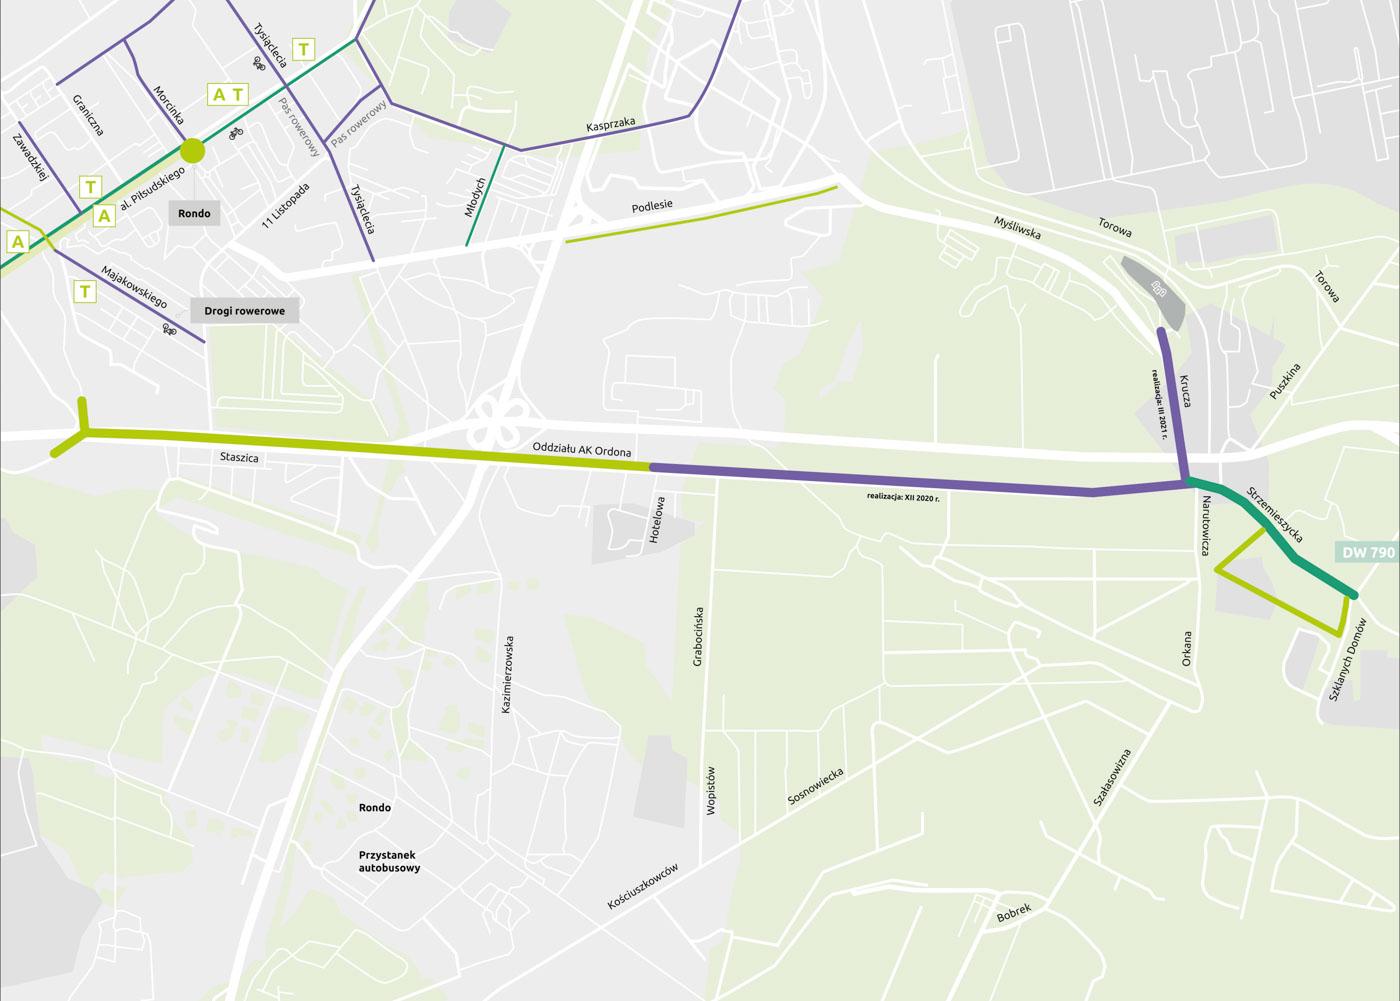 Powiększ mapę nowego układu drogowego Strzemieszyce Staszic